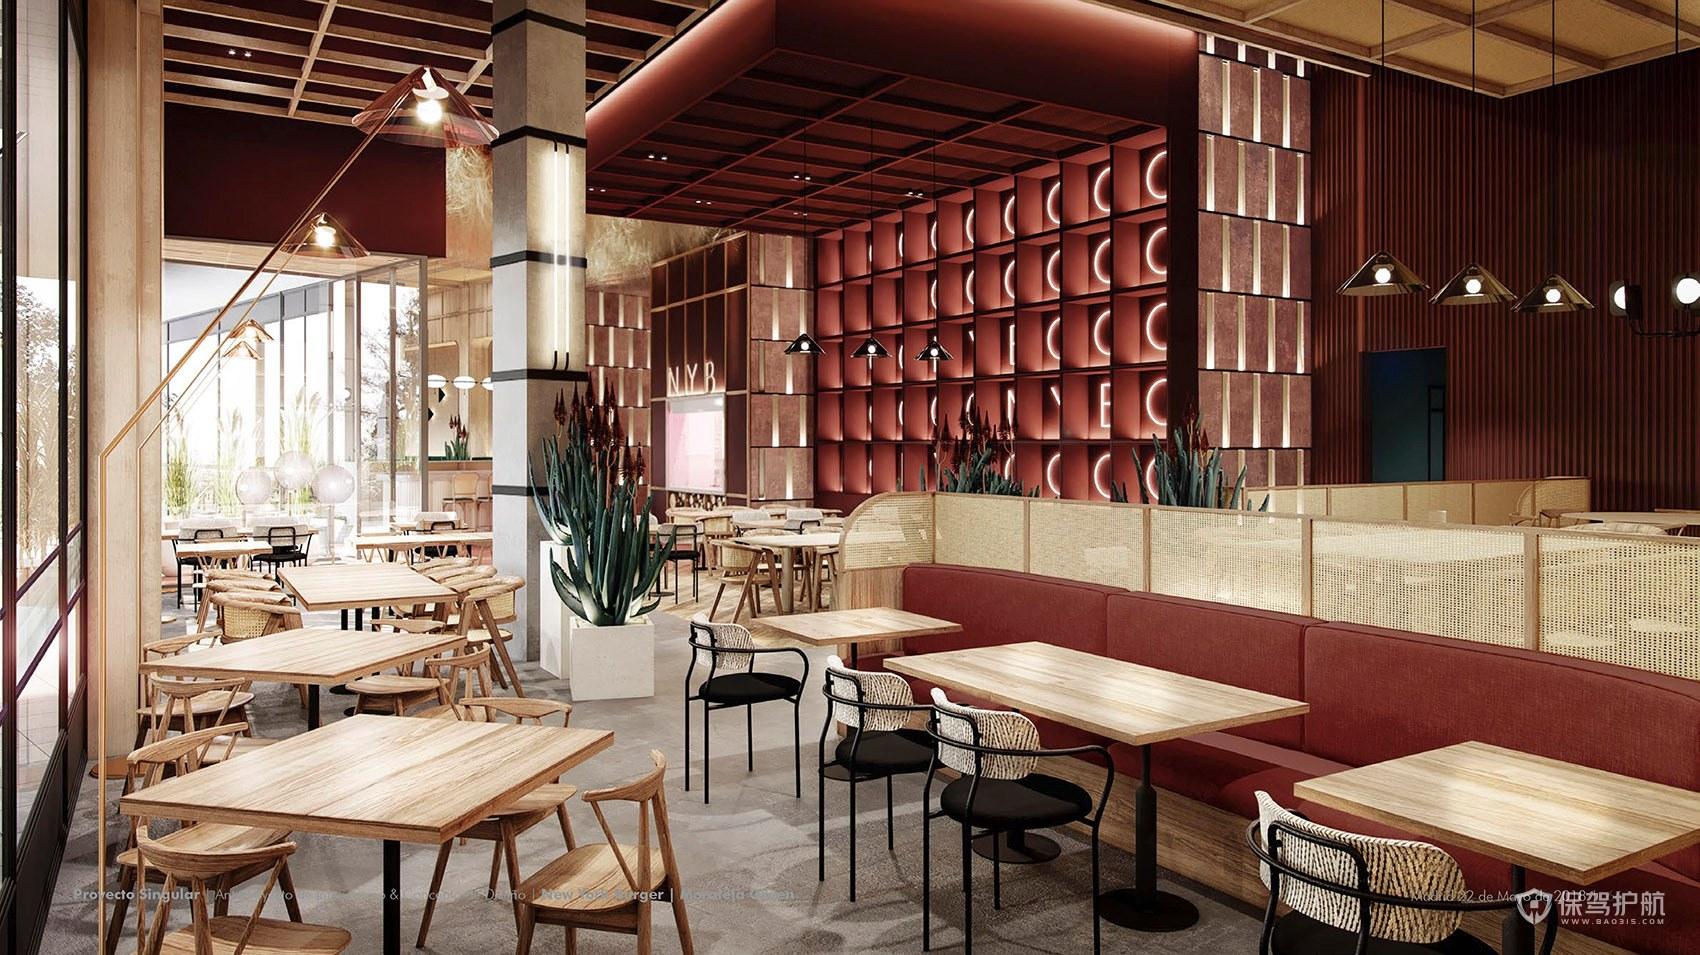 美式高雅西餐厅装修效果图